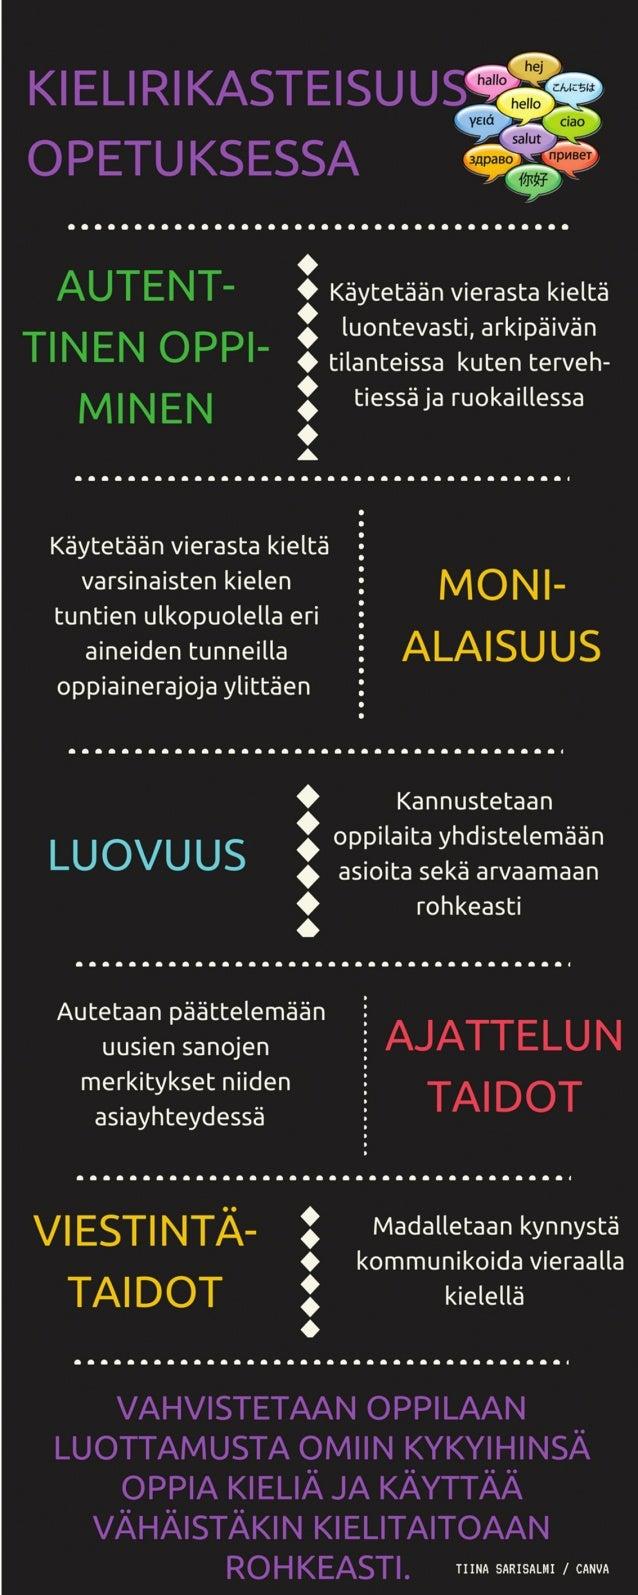 Kielirikasteisuus opetuksessa